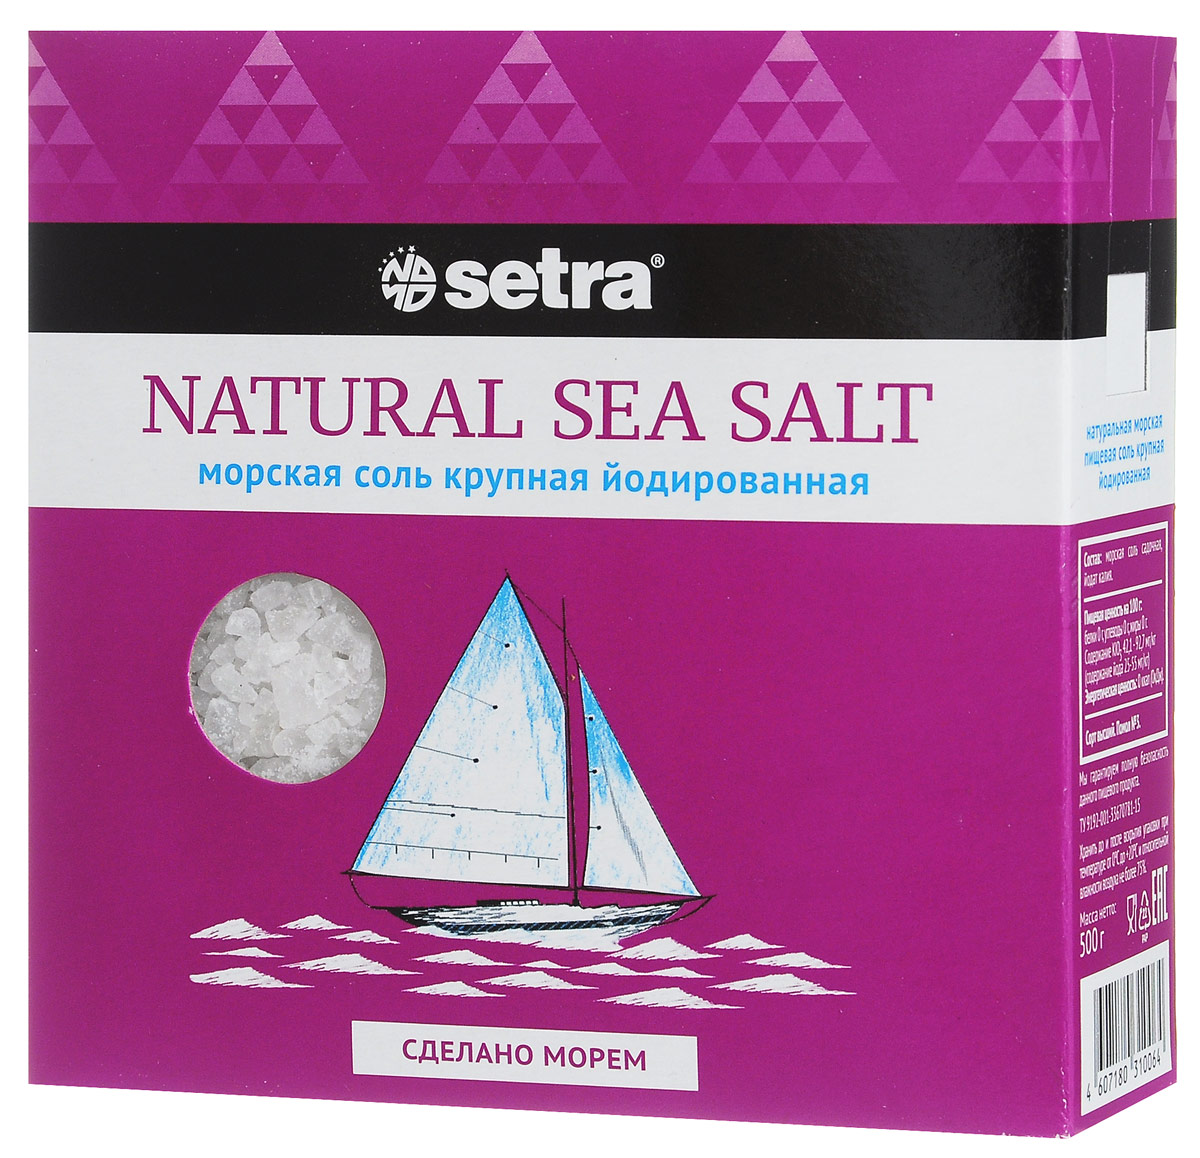 Setra соль морская крупная йодированная, 500 г setra паштет утиный 100 г